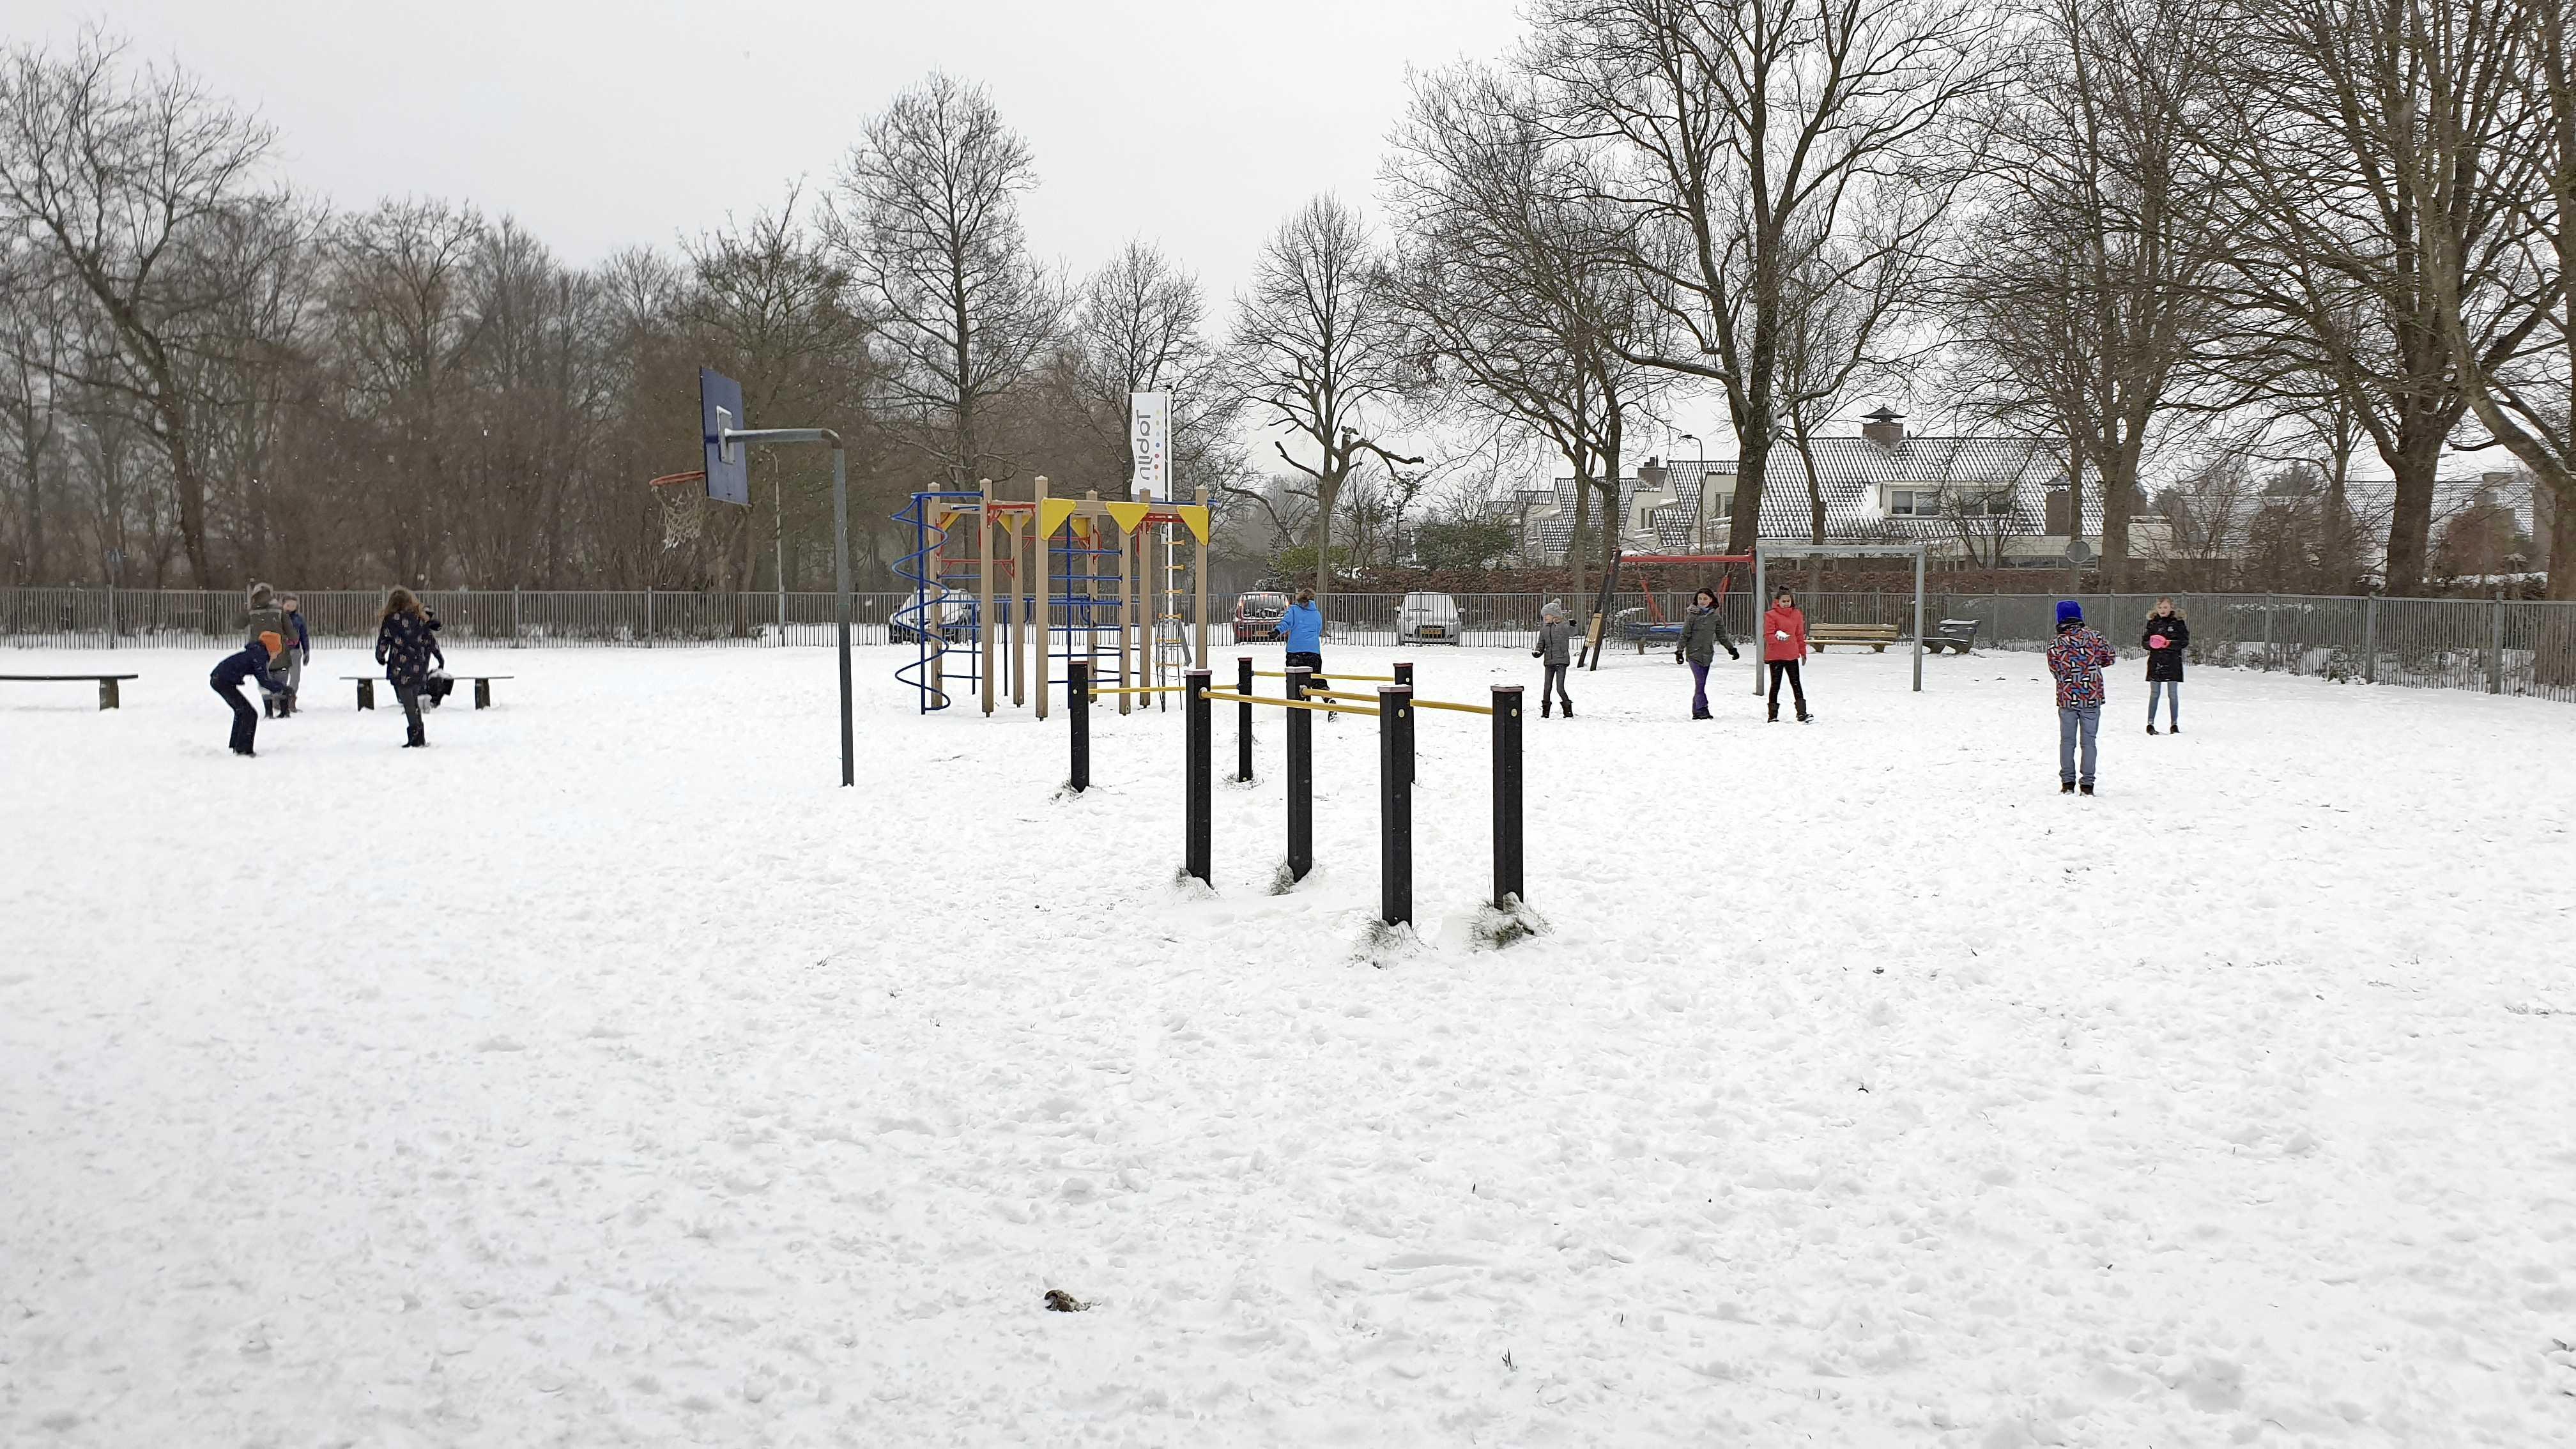 Meeste basisscholen dicht wegens sneeuw en gladheid maar leerlingen Castricumse scholen storten zich wél enthousiast in reünietje